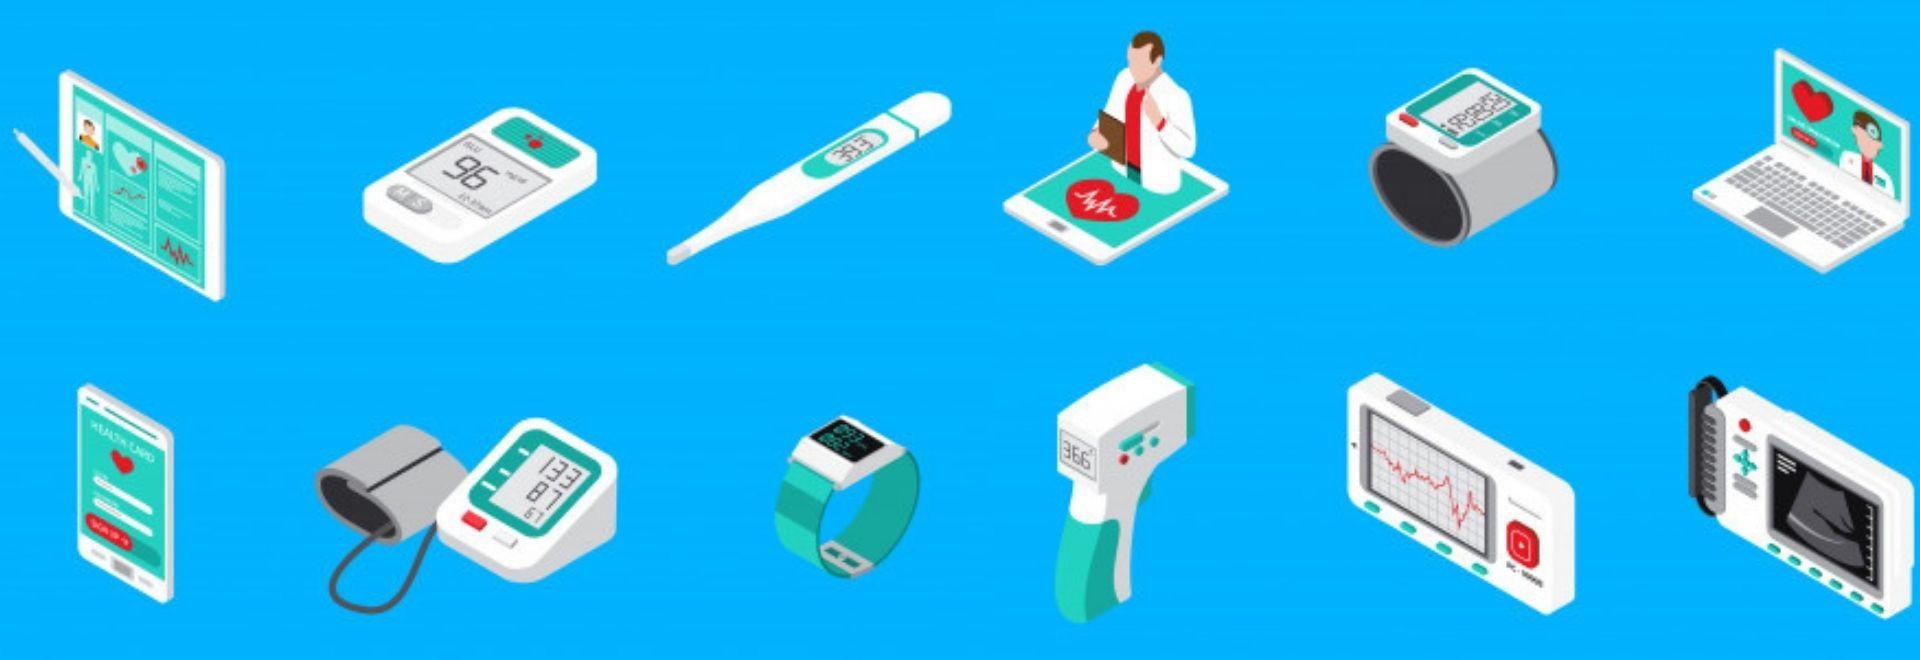 Medizinprodukte die unter die MDR fallen auf einem Tisch. Bezug zur IEC62366-2 und Usability Engineering